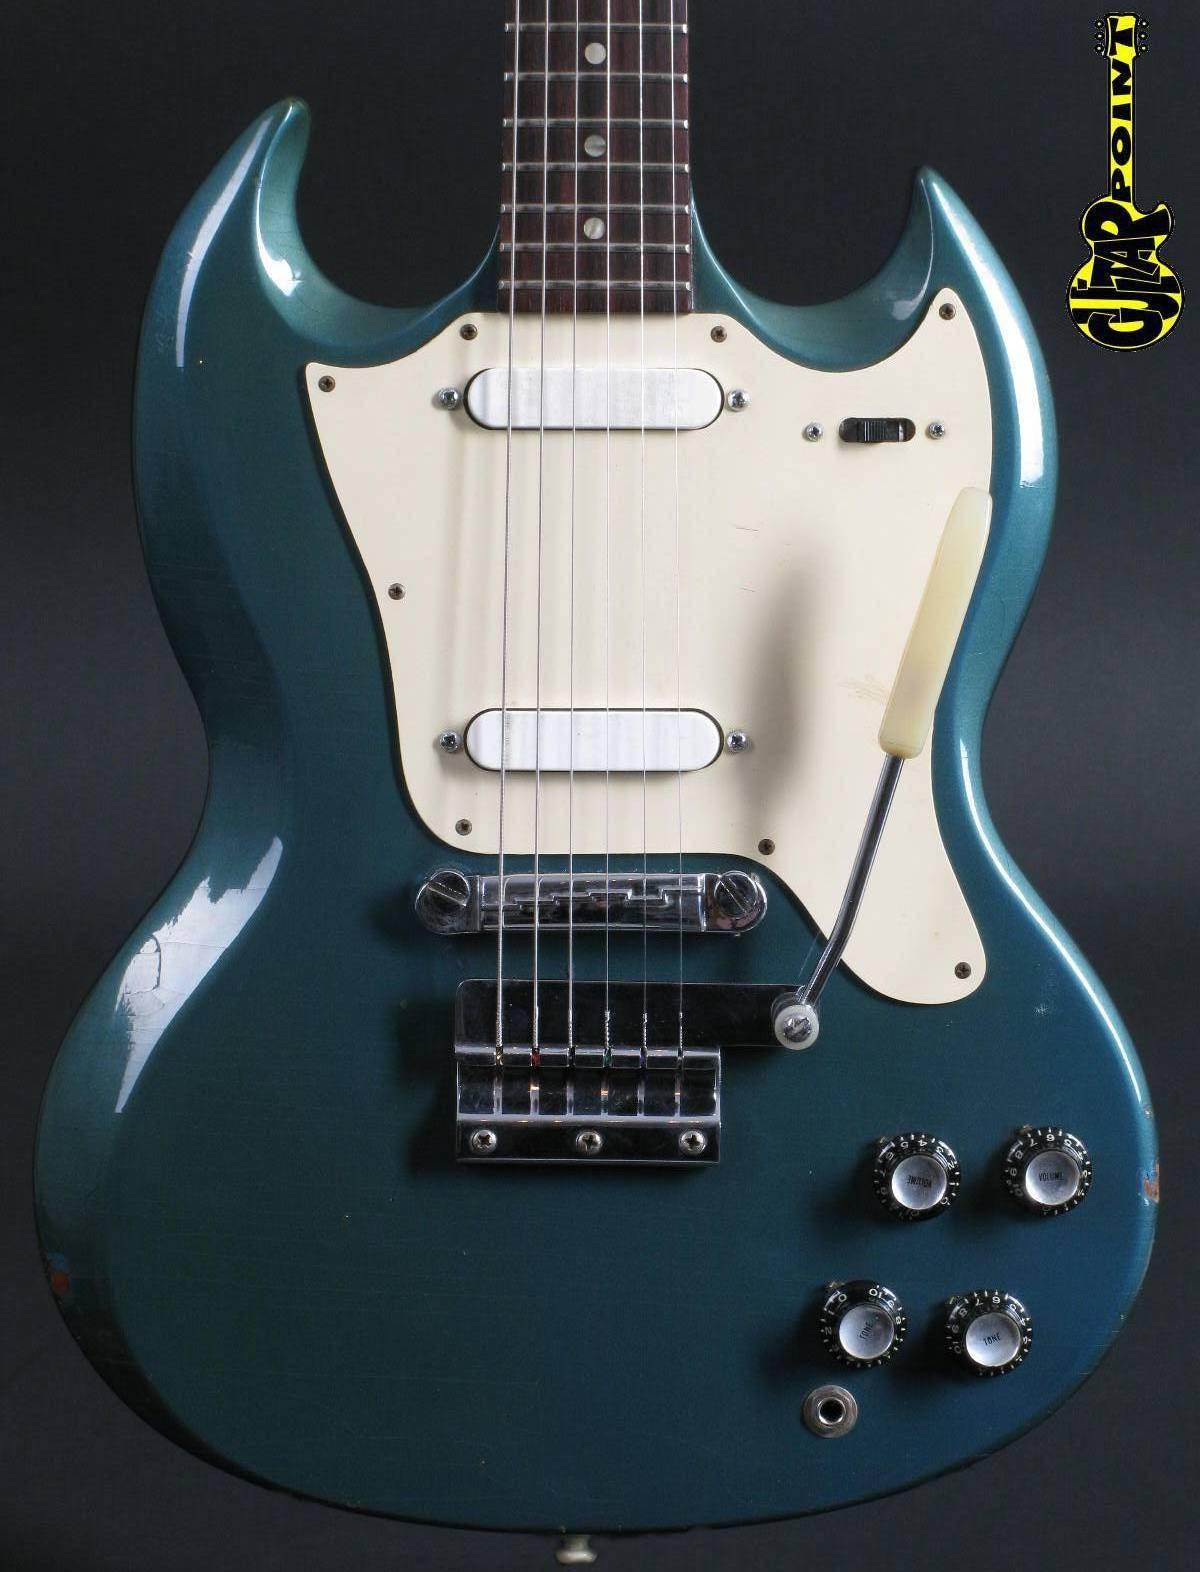 1967 Gibson SG Melody Maker - Pelham Blue